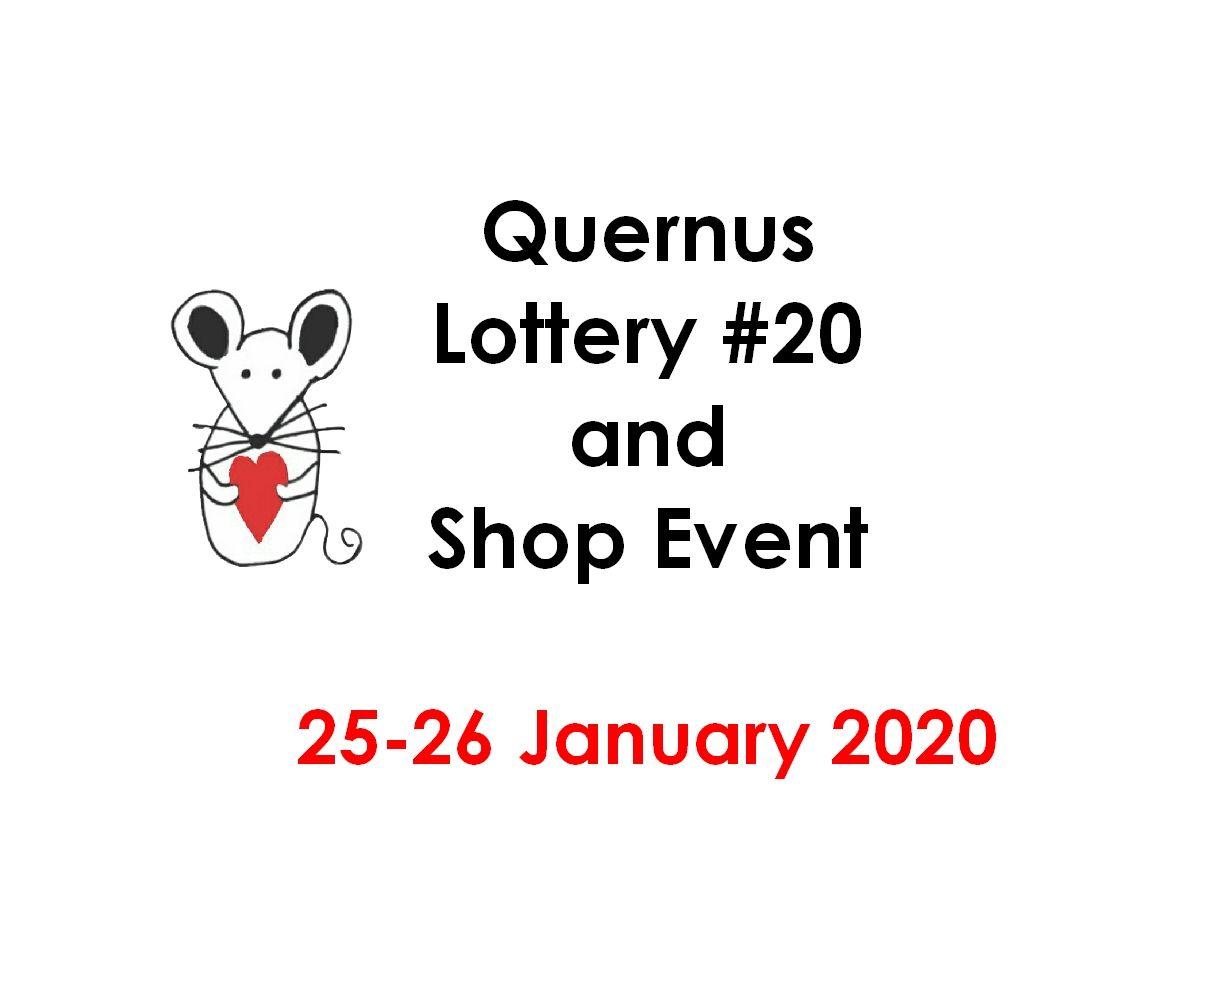 Quernus Lottery #20